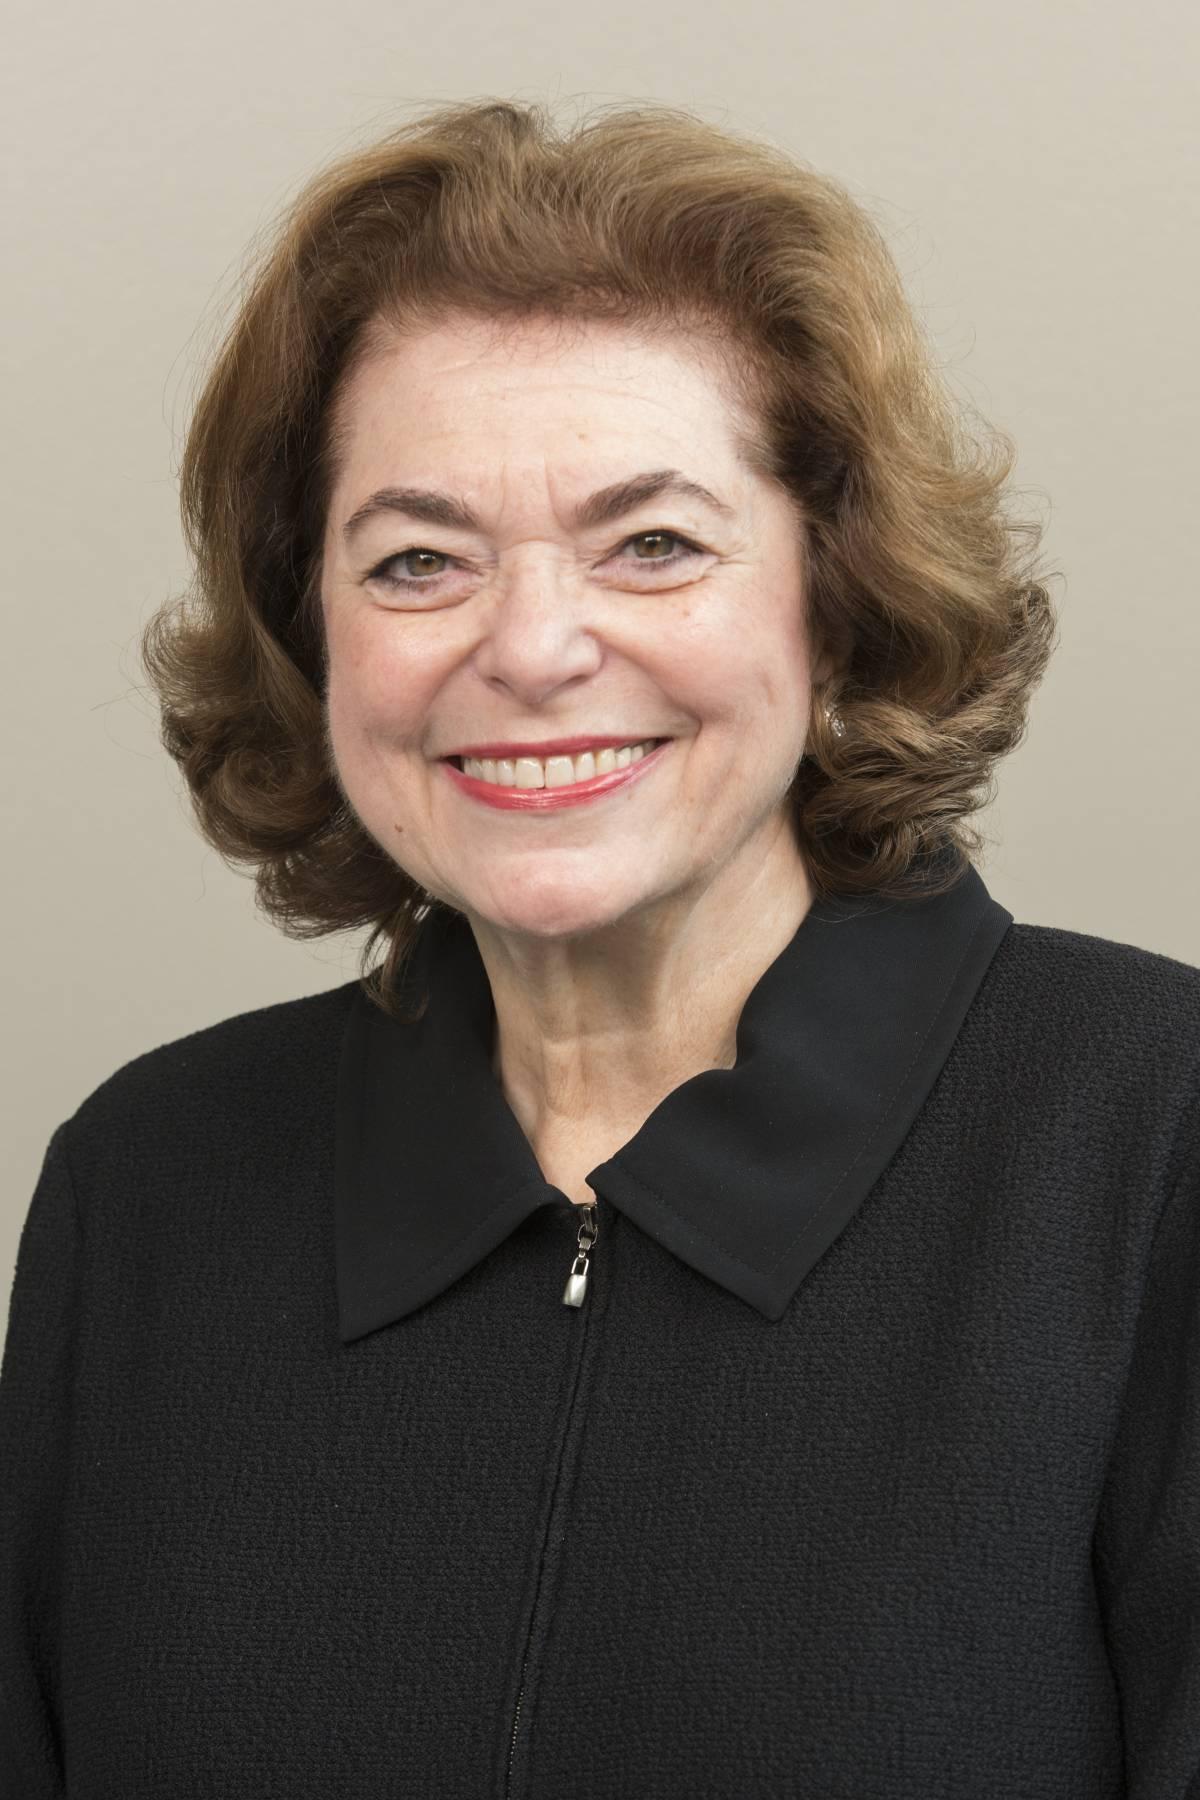 Rhonda Kodjayan, CPA